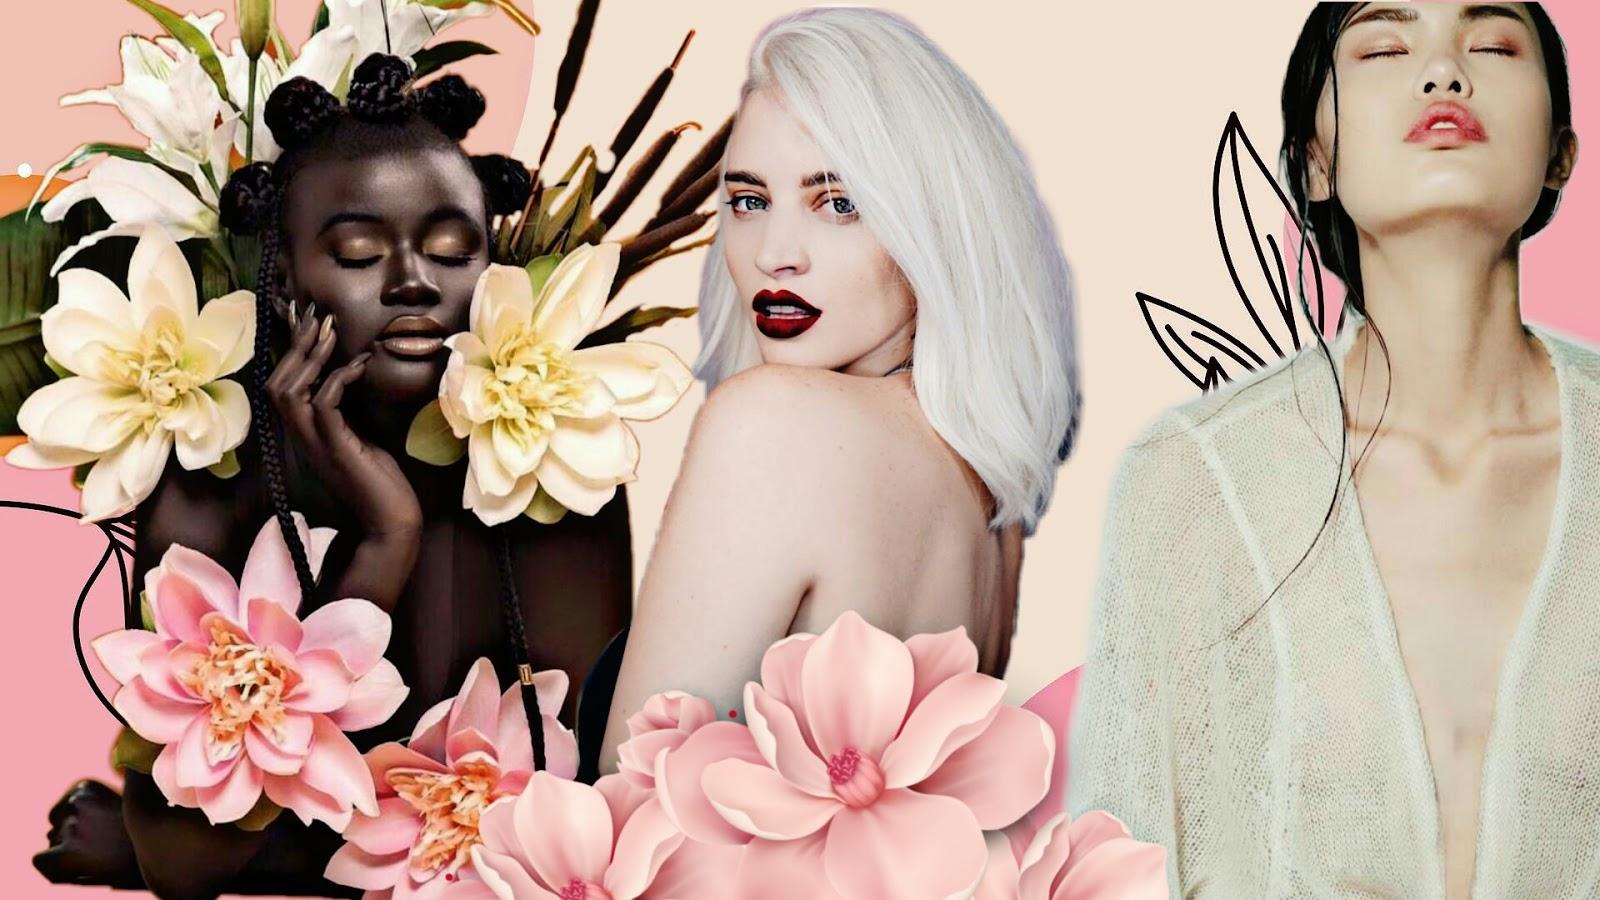 Beneficios cosmética natural y ecológica